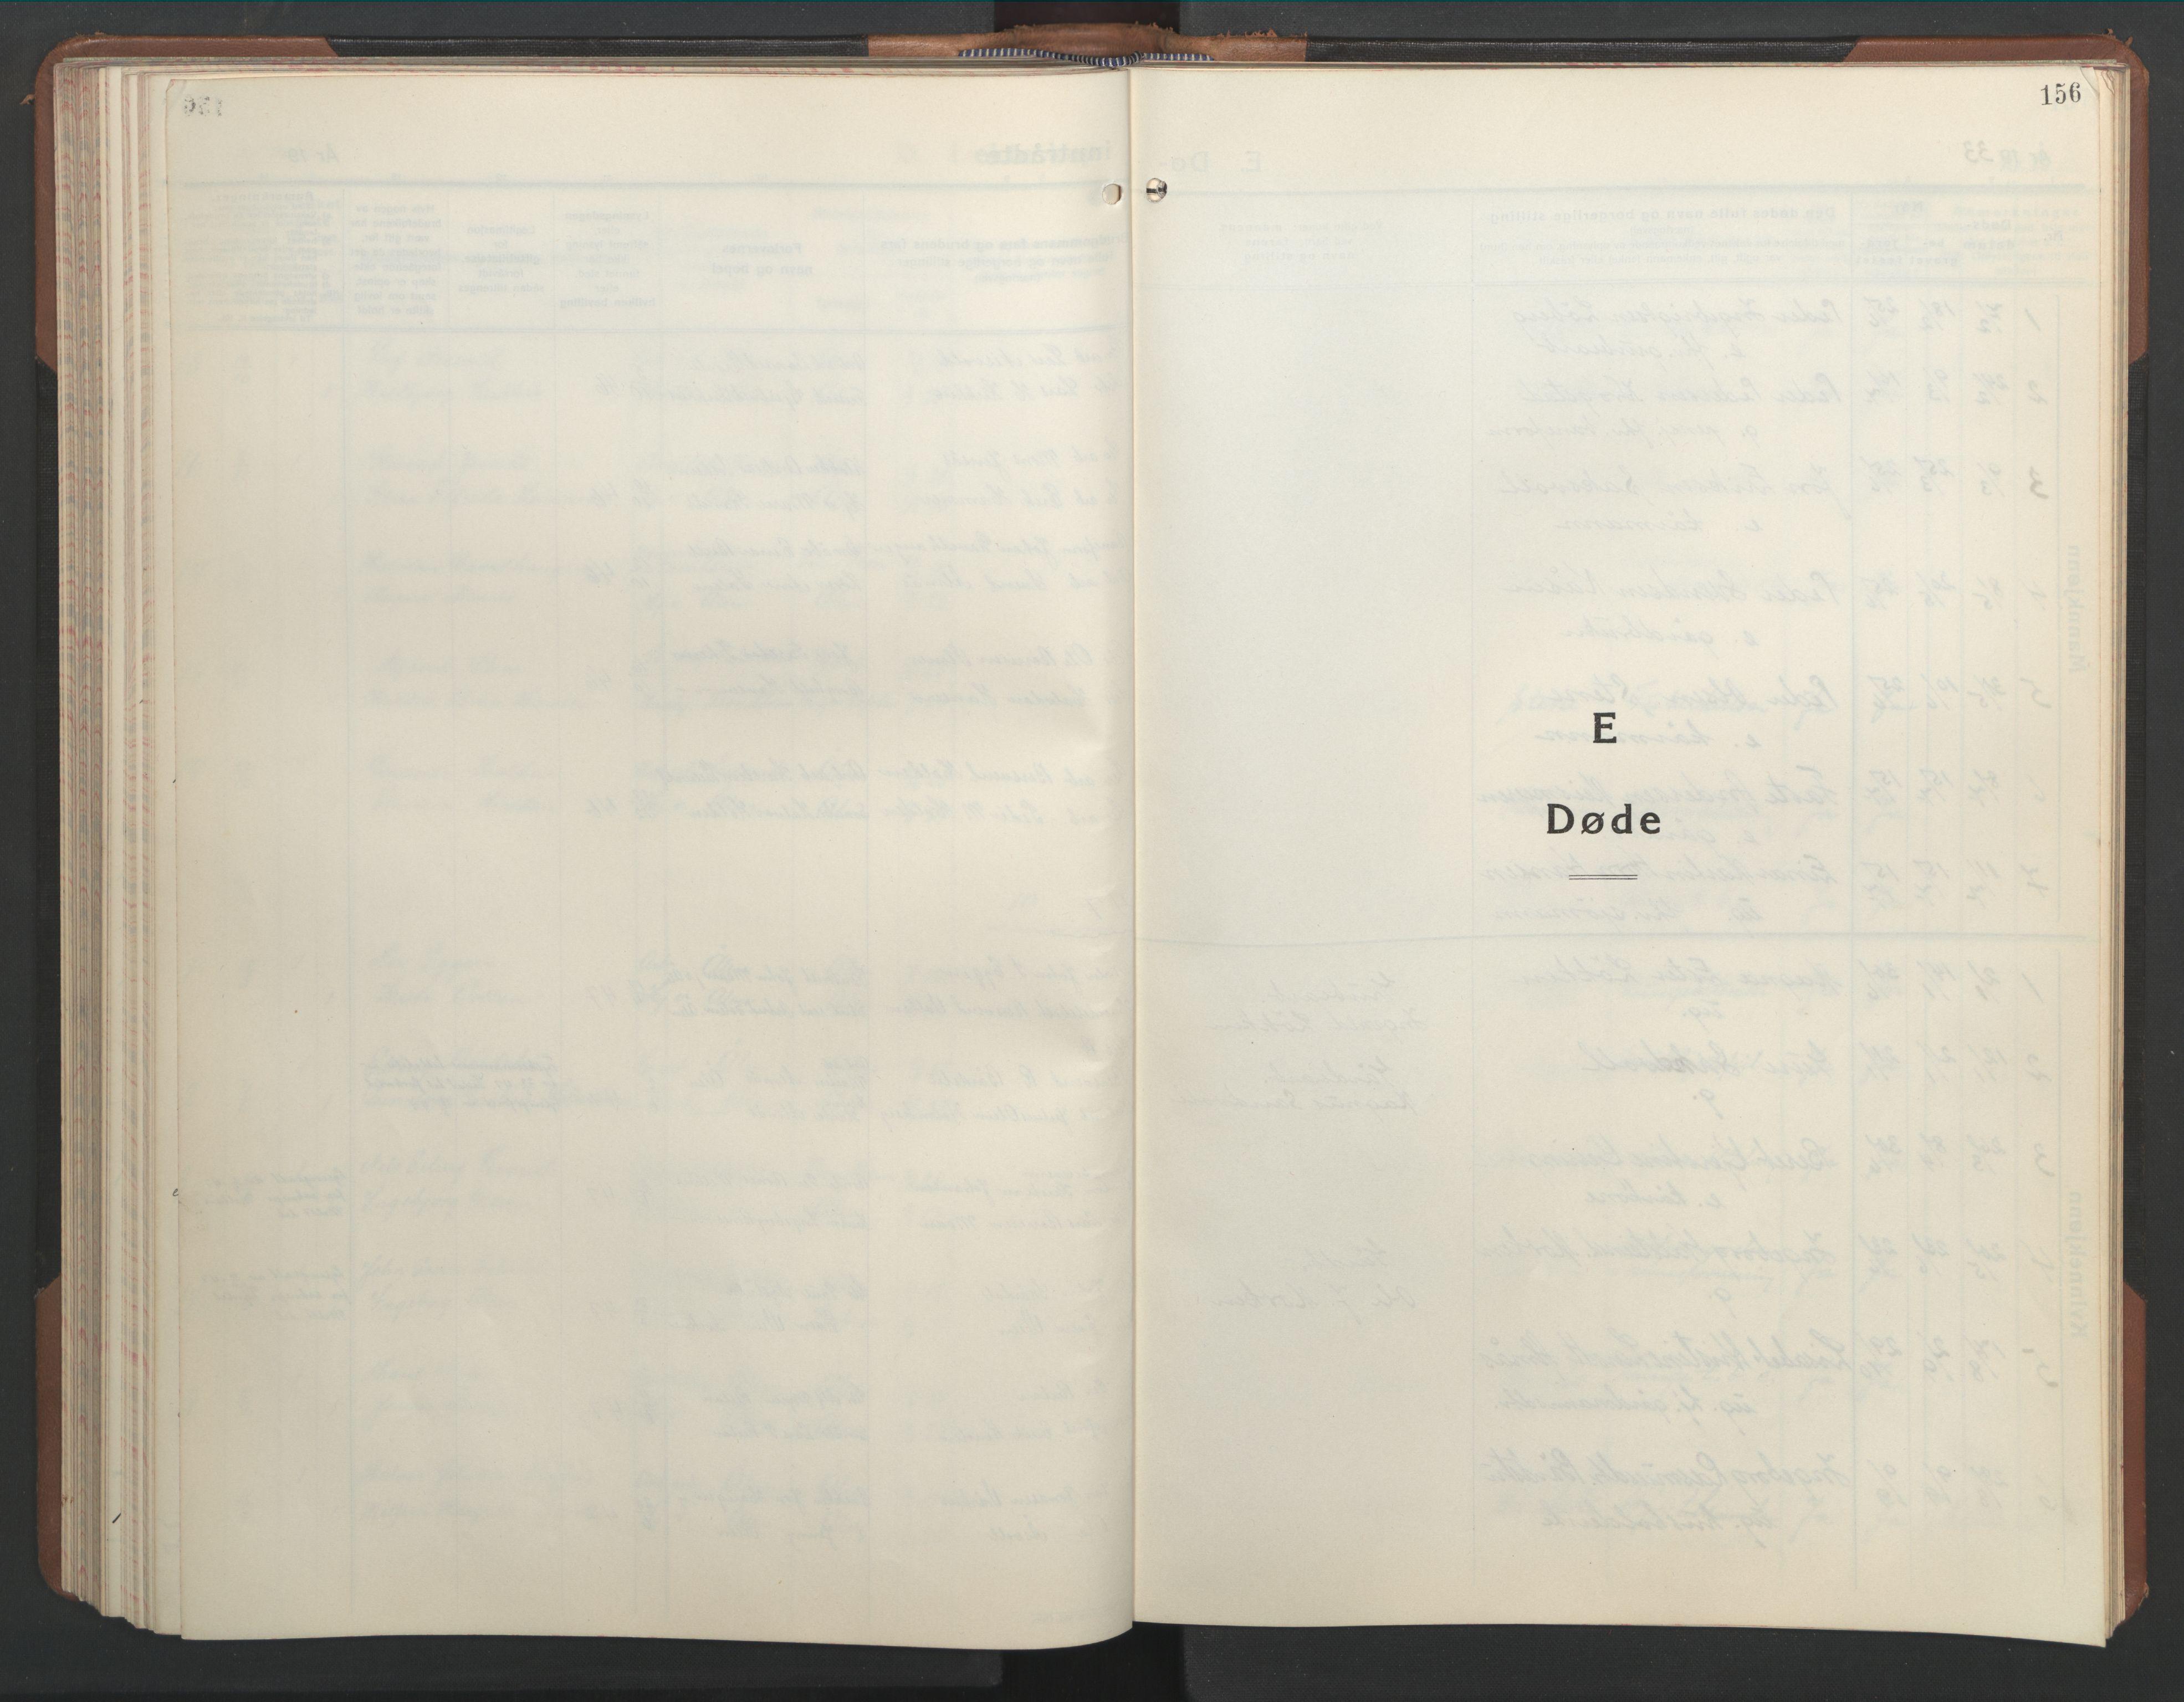 SAT, Ministerialprotokoller, klokkerbøker og fødselsregistre - Sør-Trøndelag, 686/L0986: Klokkerbok nr. 686C02, 1933-1950, s. 156